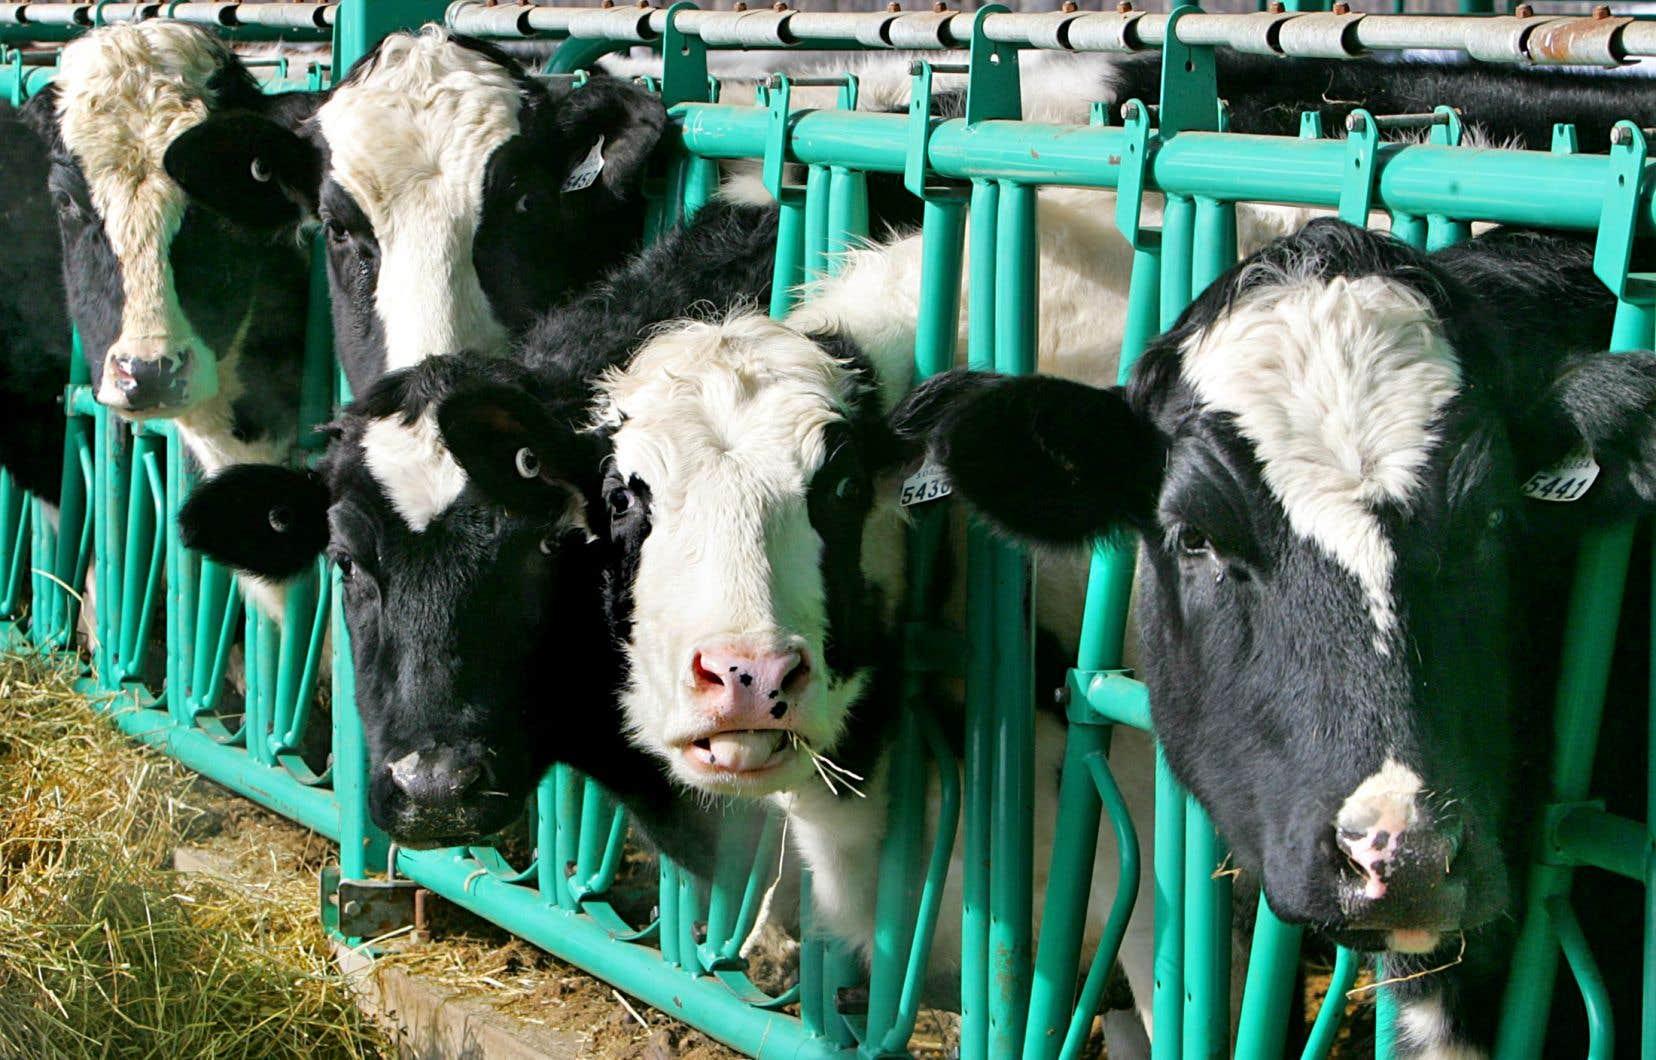 Le président Trump souhaite que le Canada abandonne son accord sur les prix, conclu il y a deux ans, qui limite les exportations américaines de lait ultrafiltré.